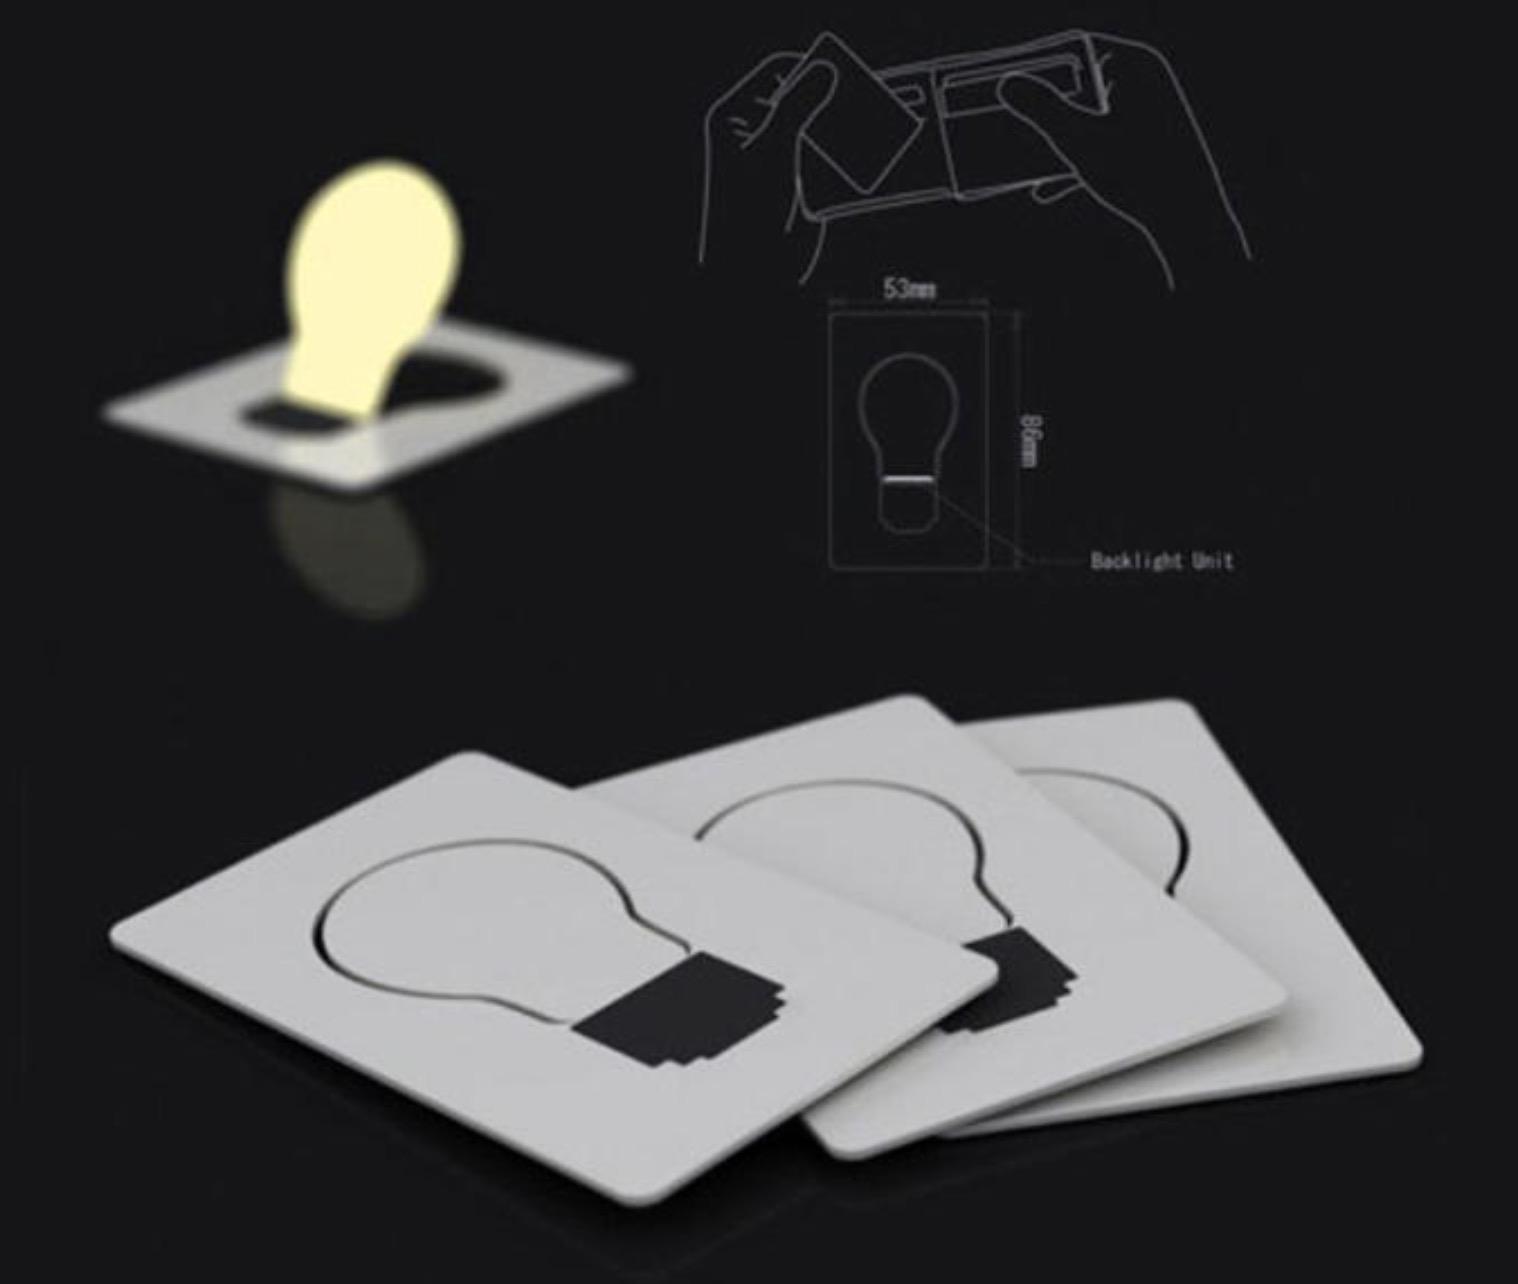 lampadina tascabile : Pocket Bulb, la lampadina che entra in un portafoglio costa solo 63 ...